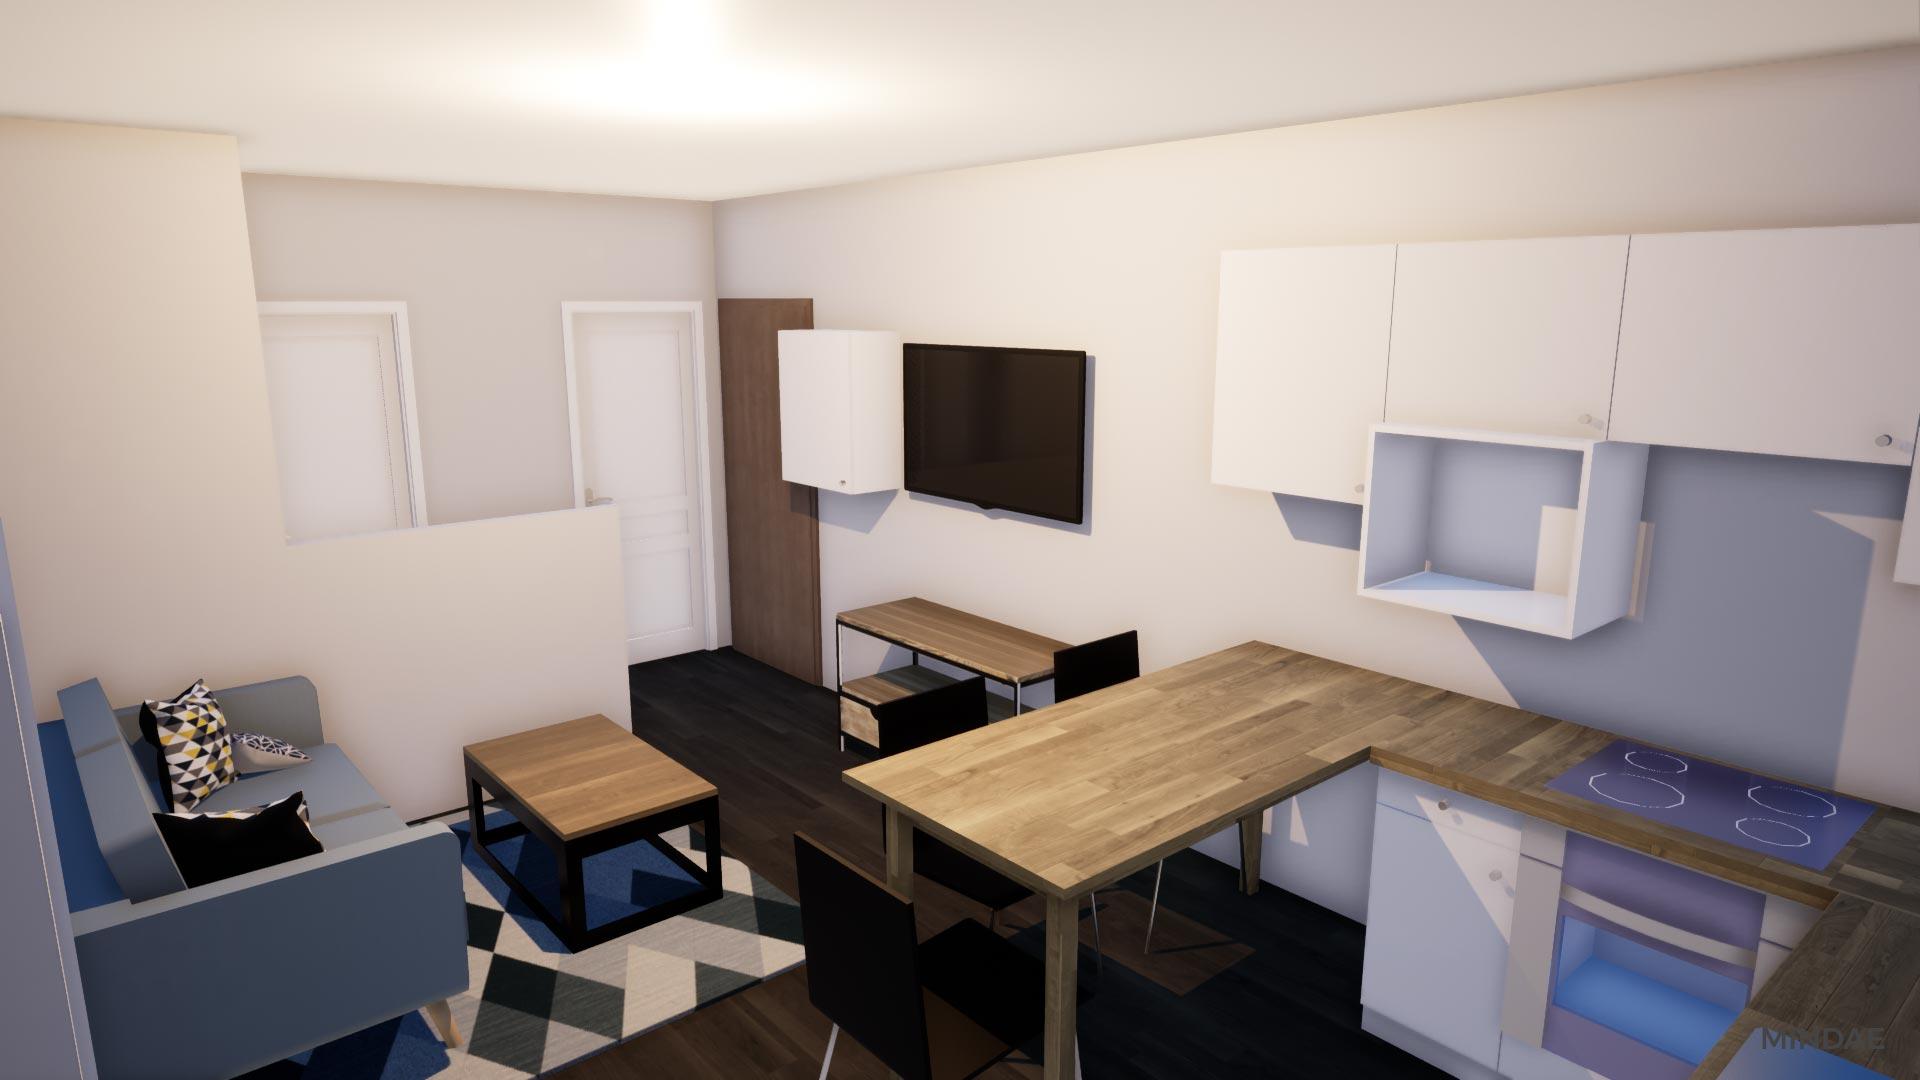 Mindae_3D_AS_immobilier_salon_cuisine_etudiant_colocation_investisseur_amenagement_interieur_caen_projet_B-(4)